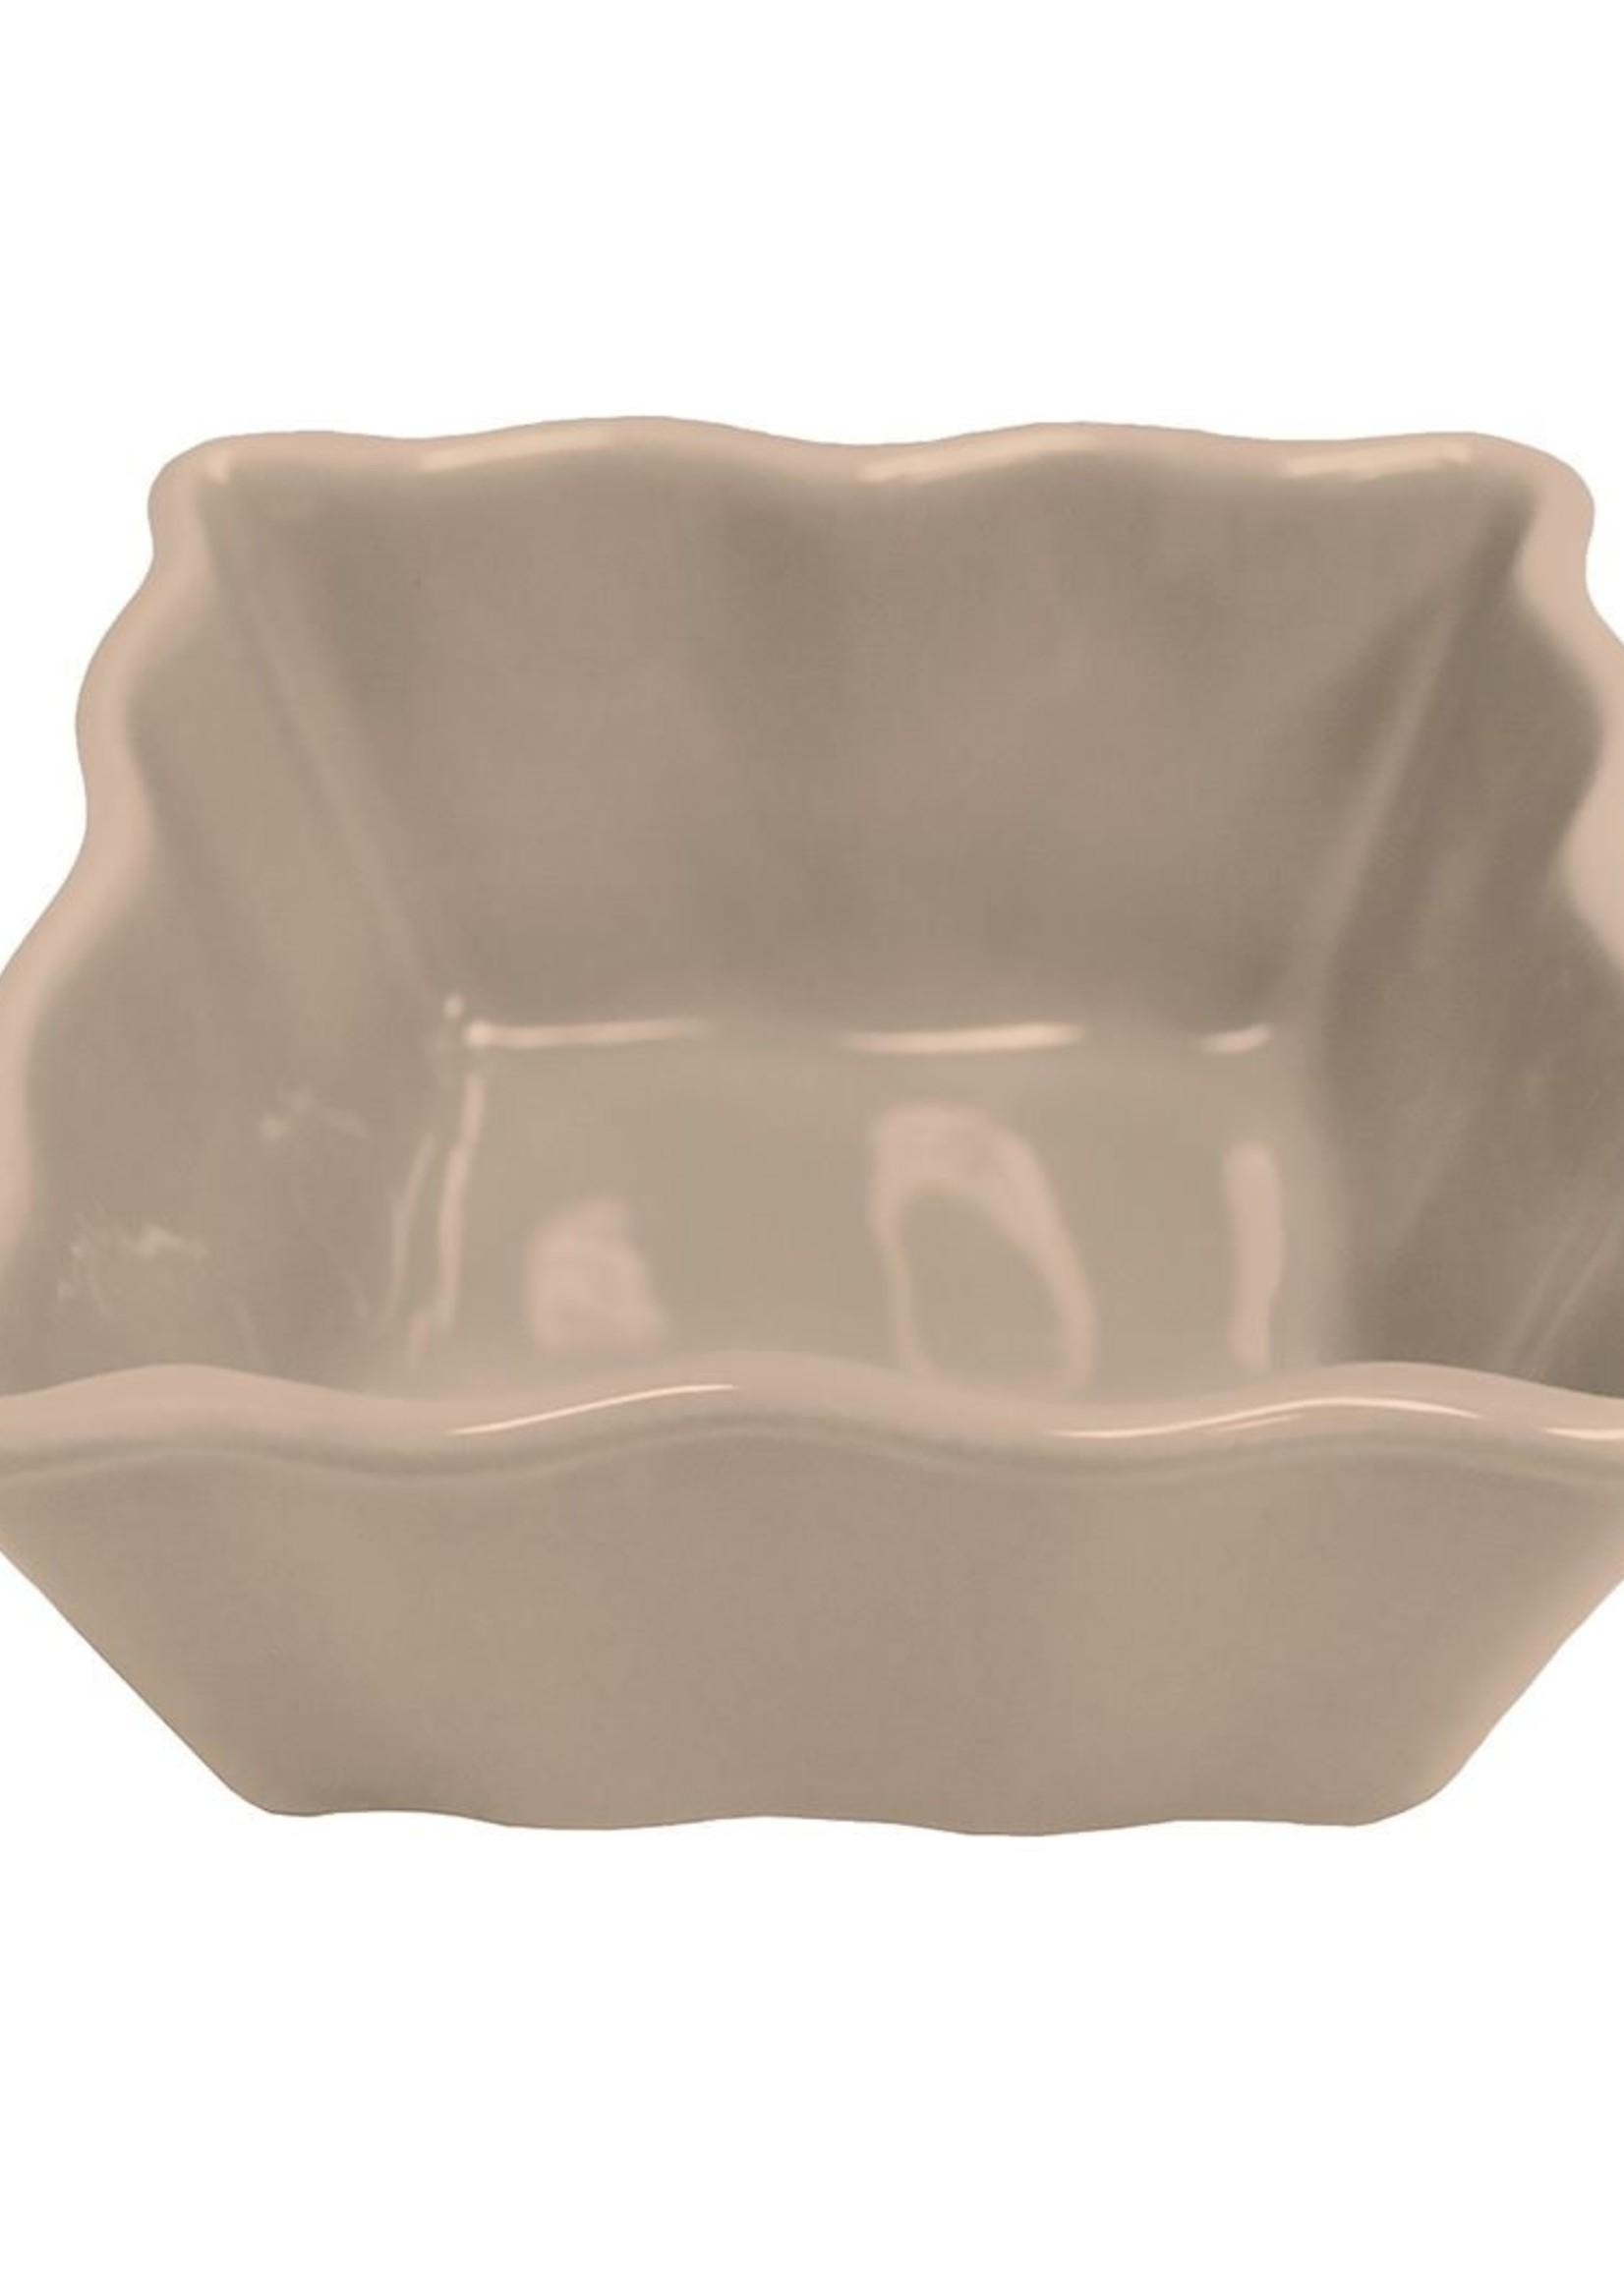 Baking / Condiment Dish, Small Square Scalloped, Gray